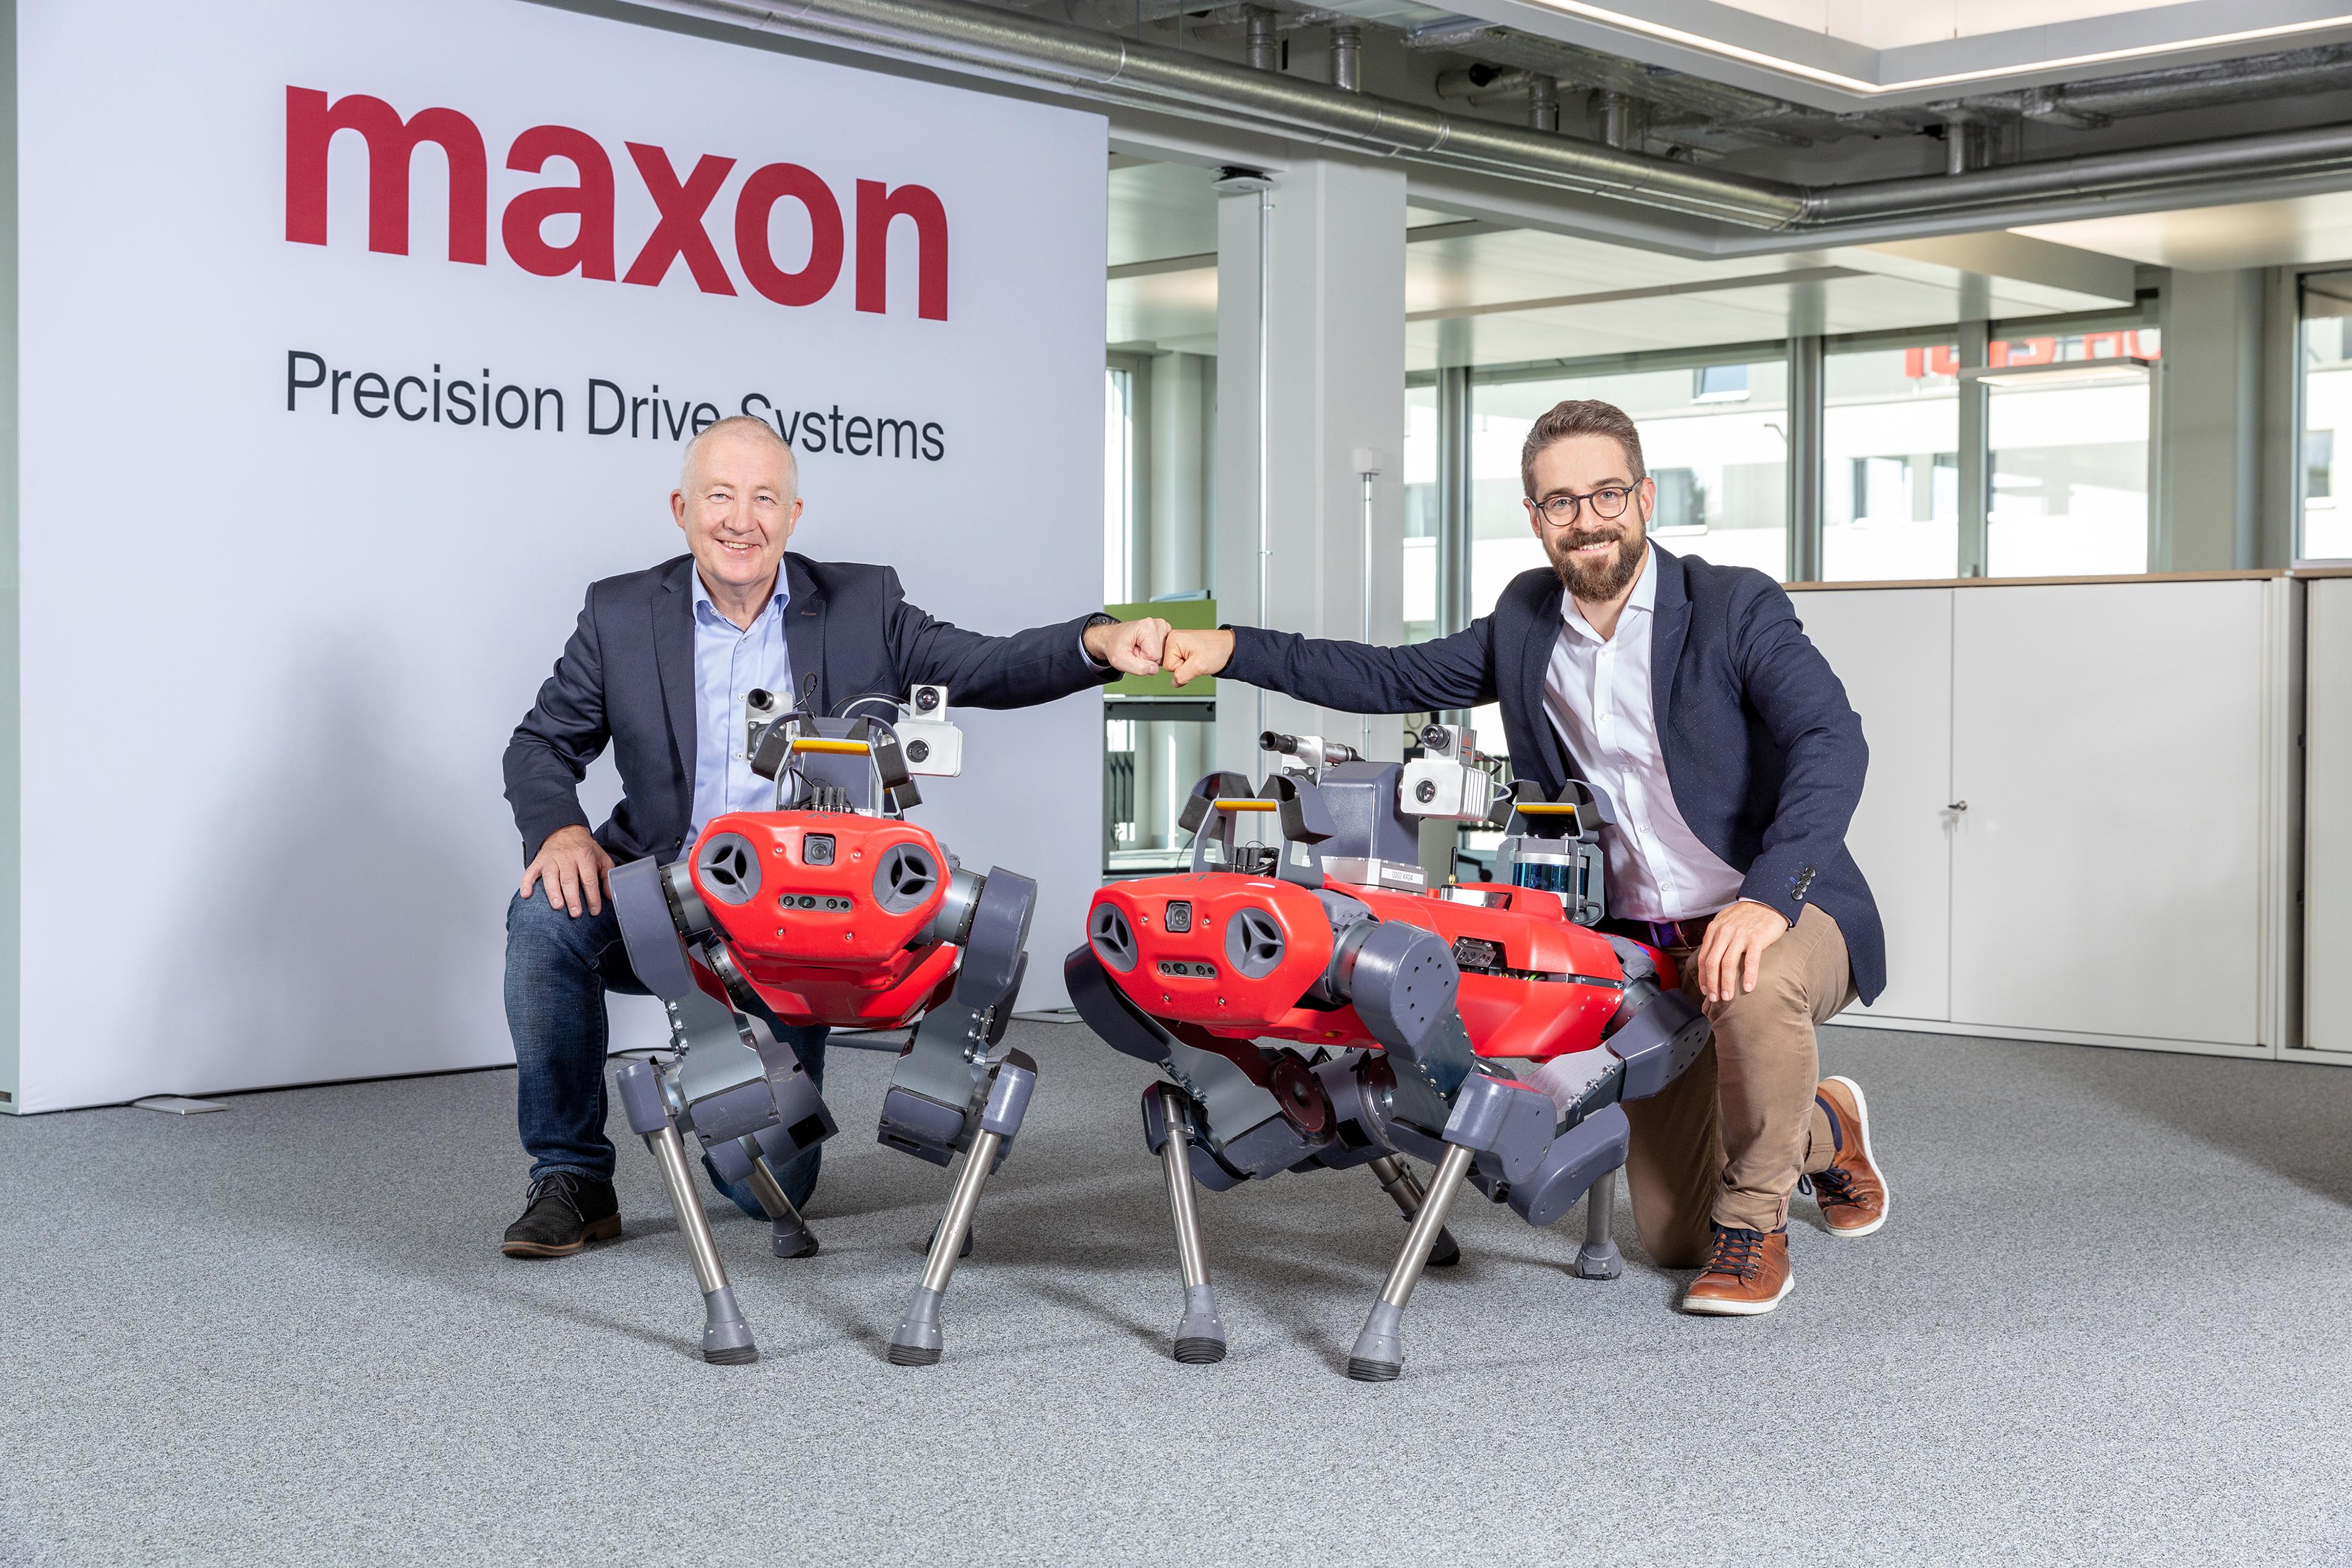 maxon ANYbotics partnership